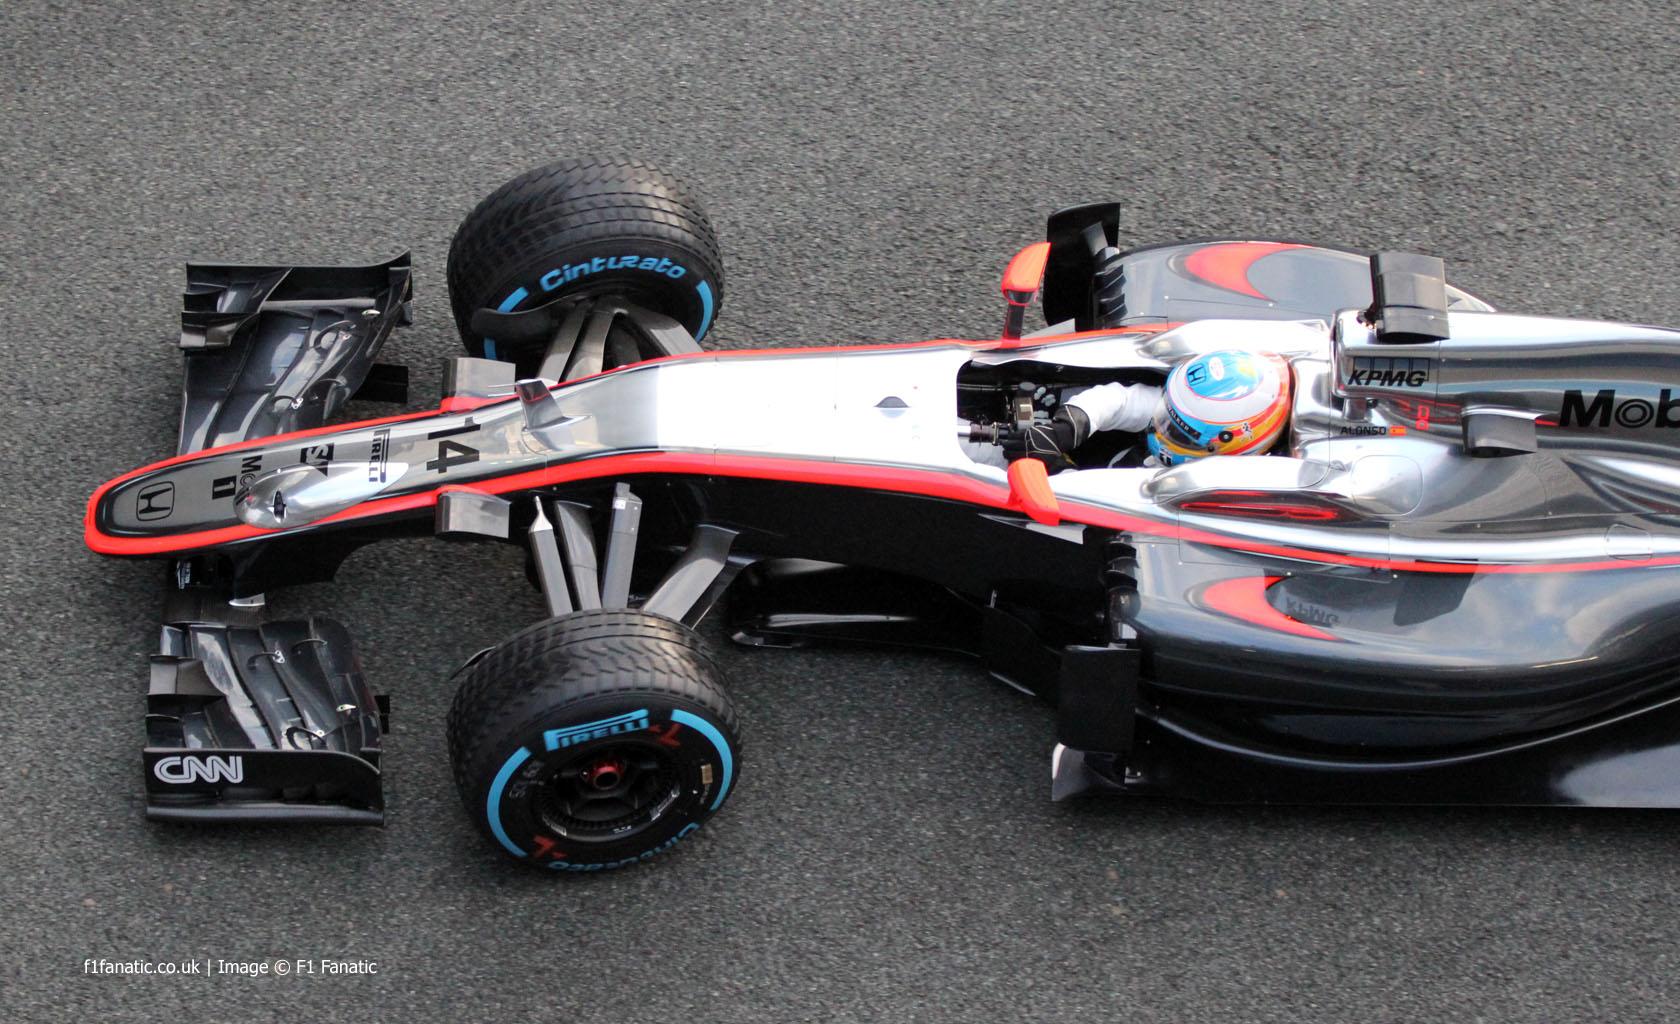 Circuito Fernando Alonso : Fernando alonso mclaren circuito de jerez 2015 · racefans